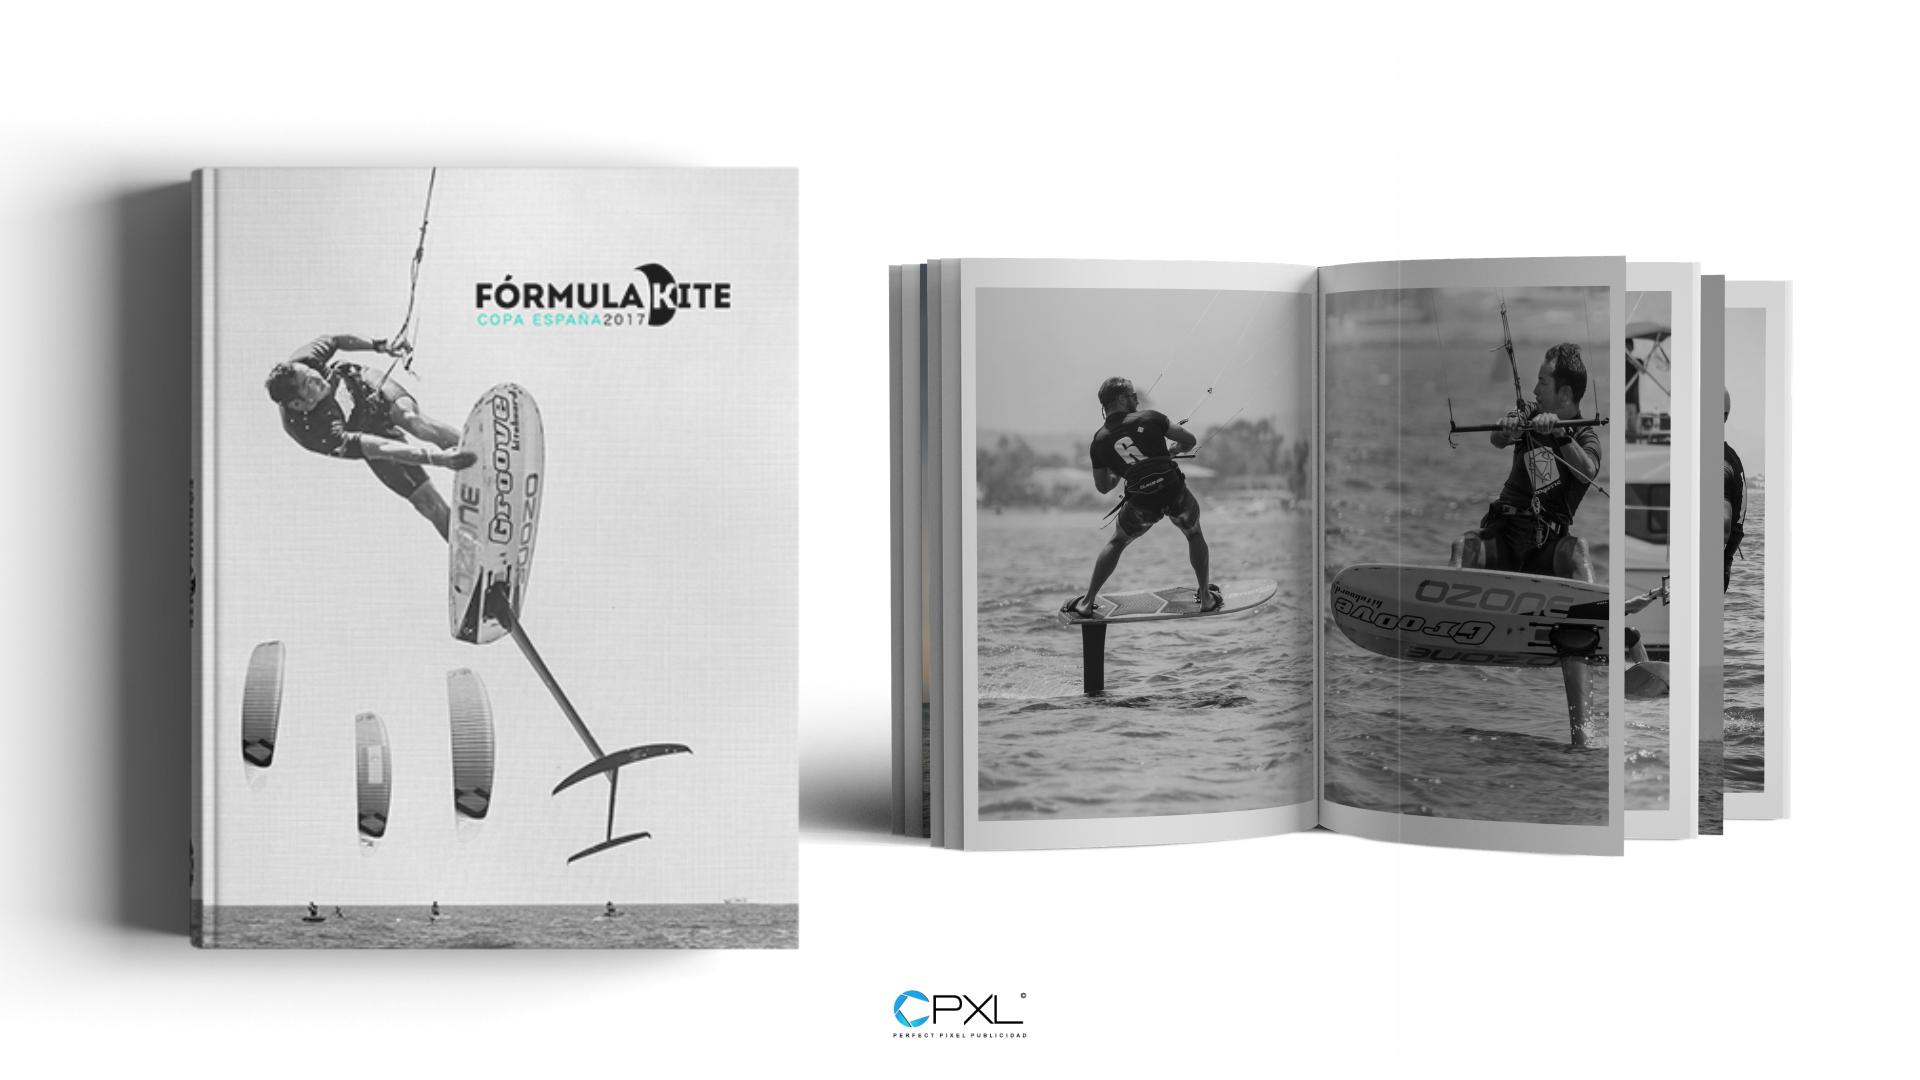 https://perfectpixel.es/wp-content/uploads/2017/07/Libro-oficial-Copa-Espa%C3%B1a-2017-F%C3%B3rmula-Kite-Perfect-Pixel-Agencia-Publicidad-Madrid-3.jpg